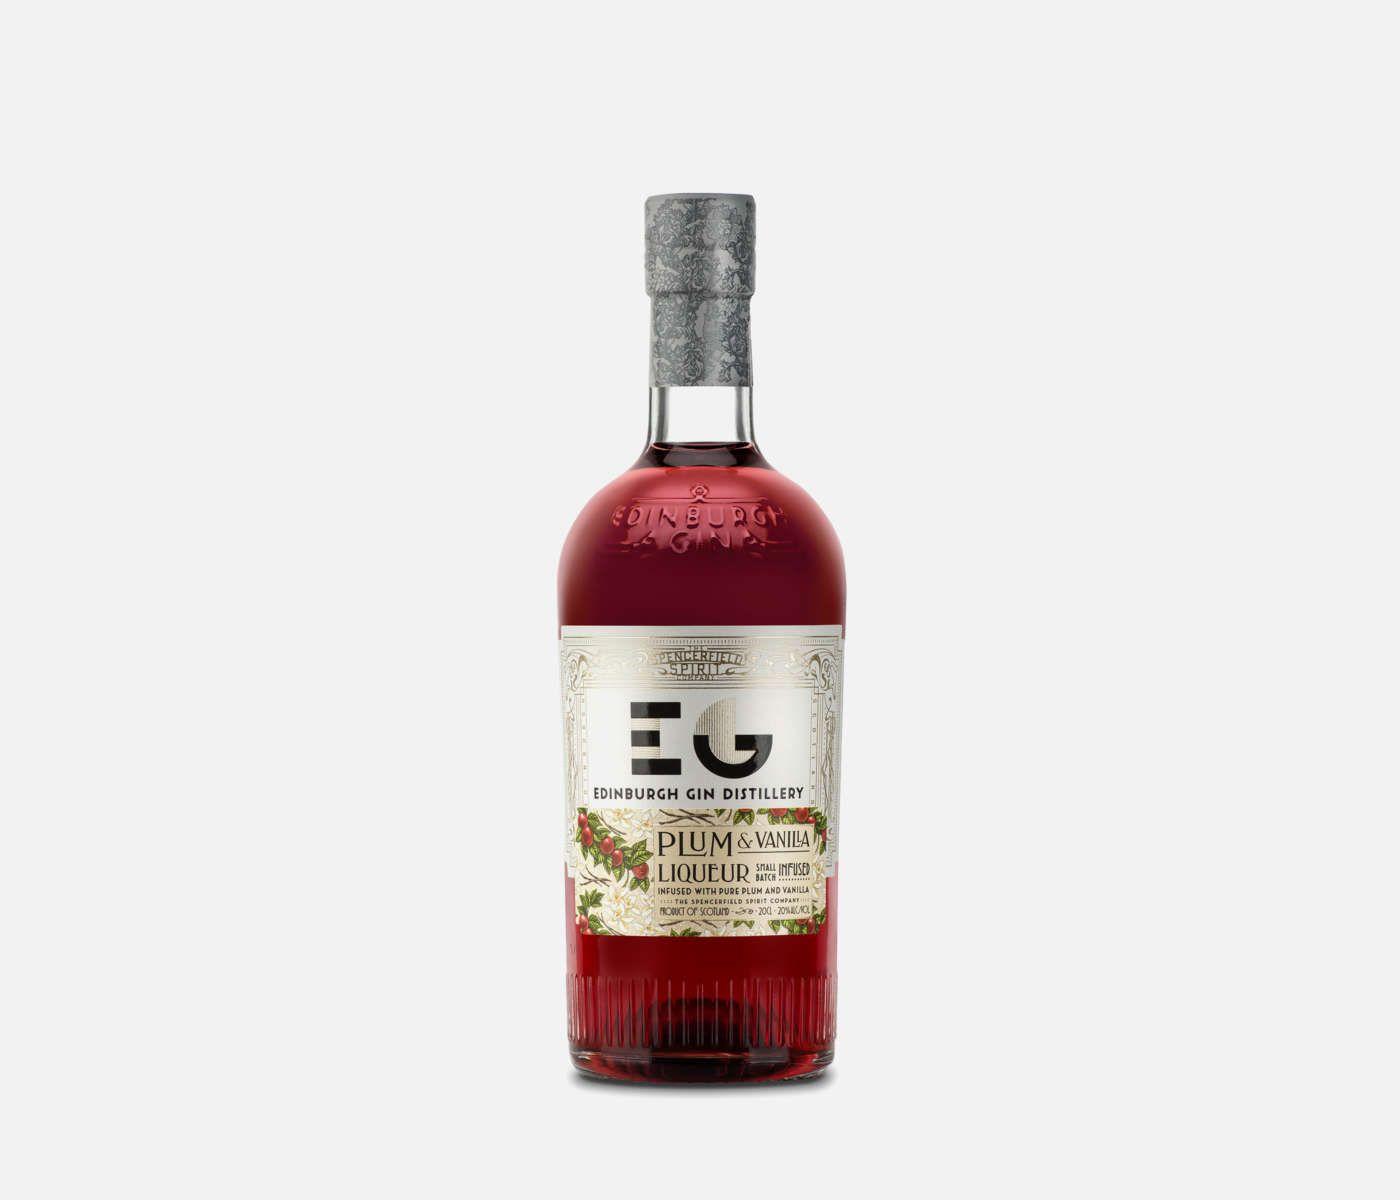 Edinburgh Plum & Vanilla Gin Gins & Gin Liqueurs